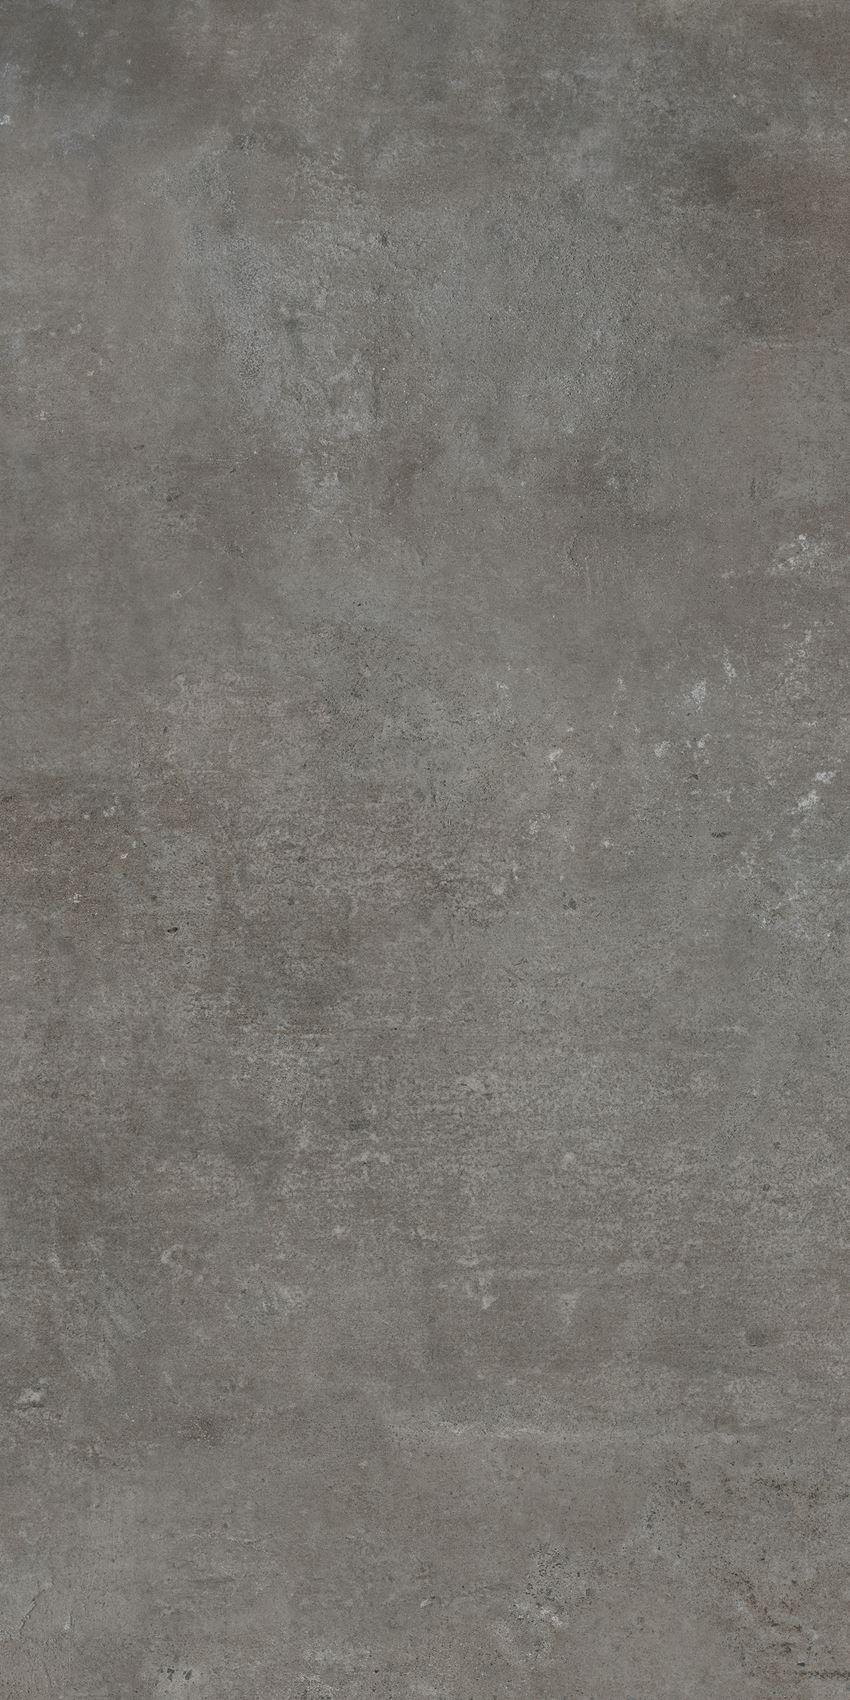 Płytka ścienno-podłogowa Cerrad Softcement graphite 60x120